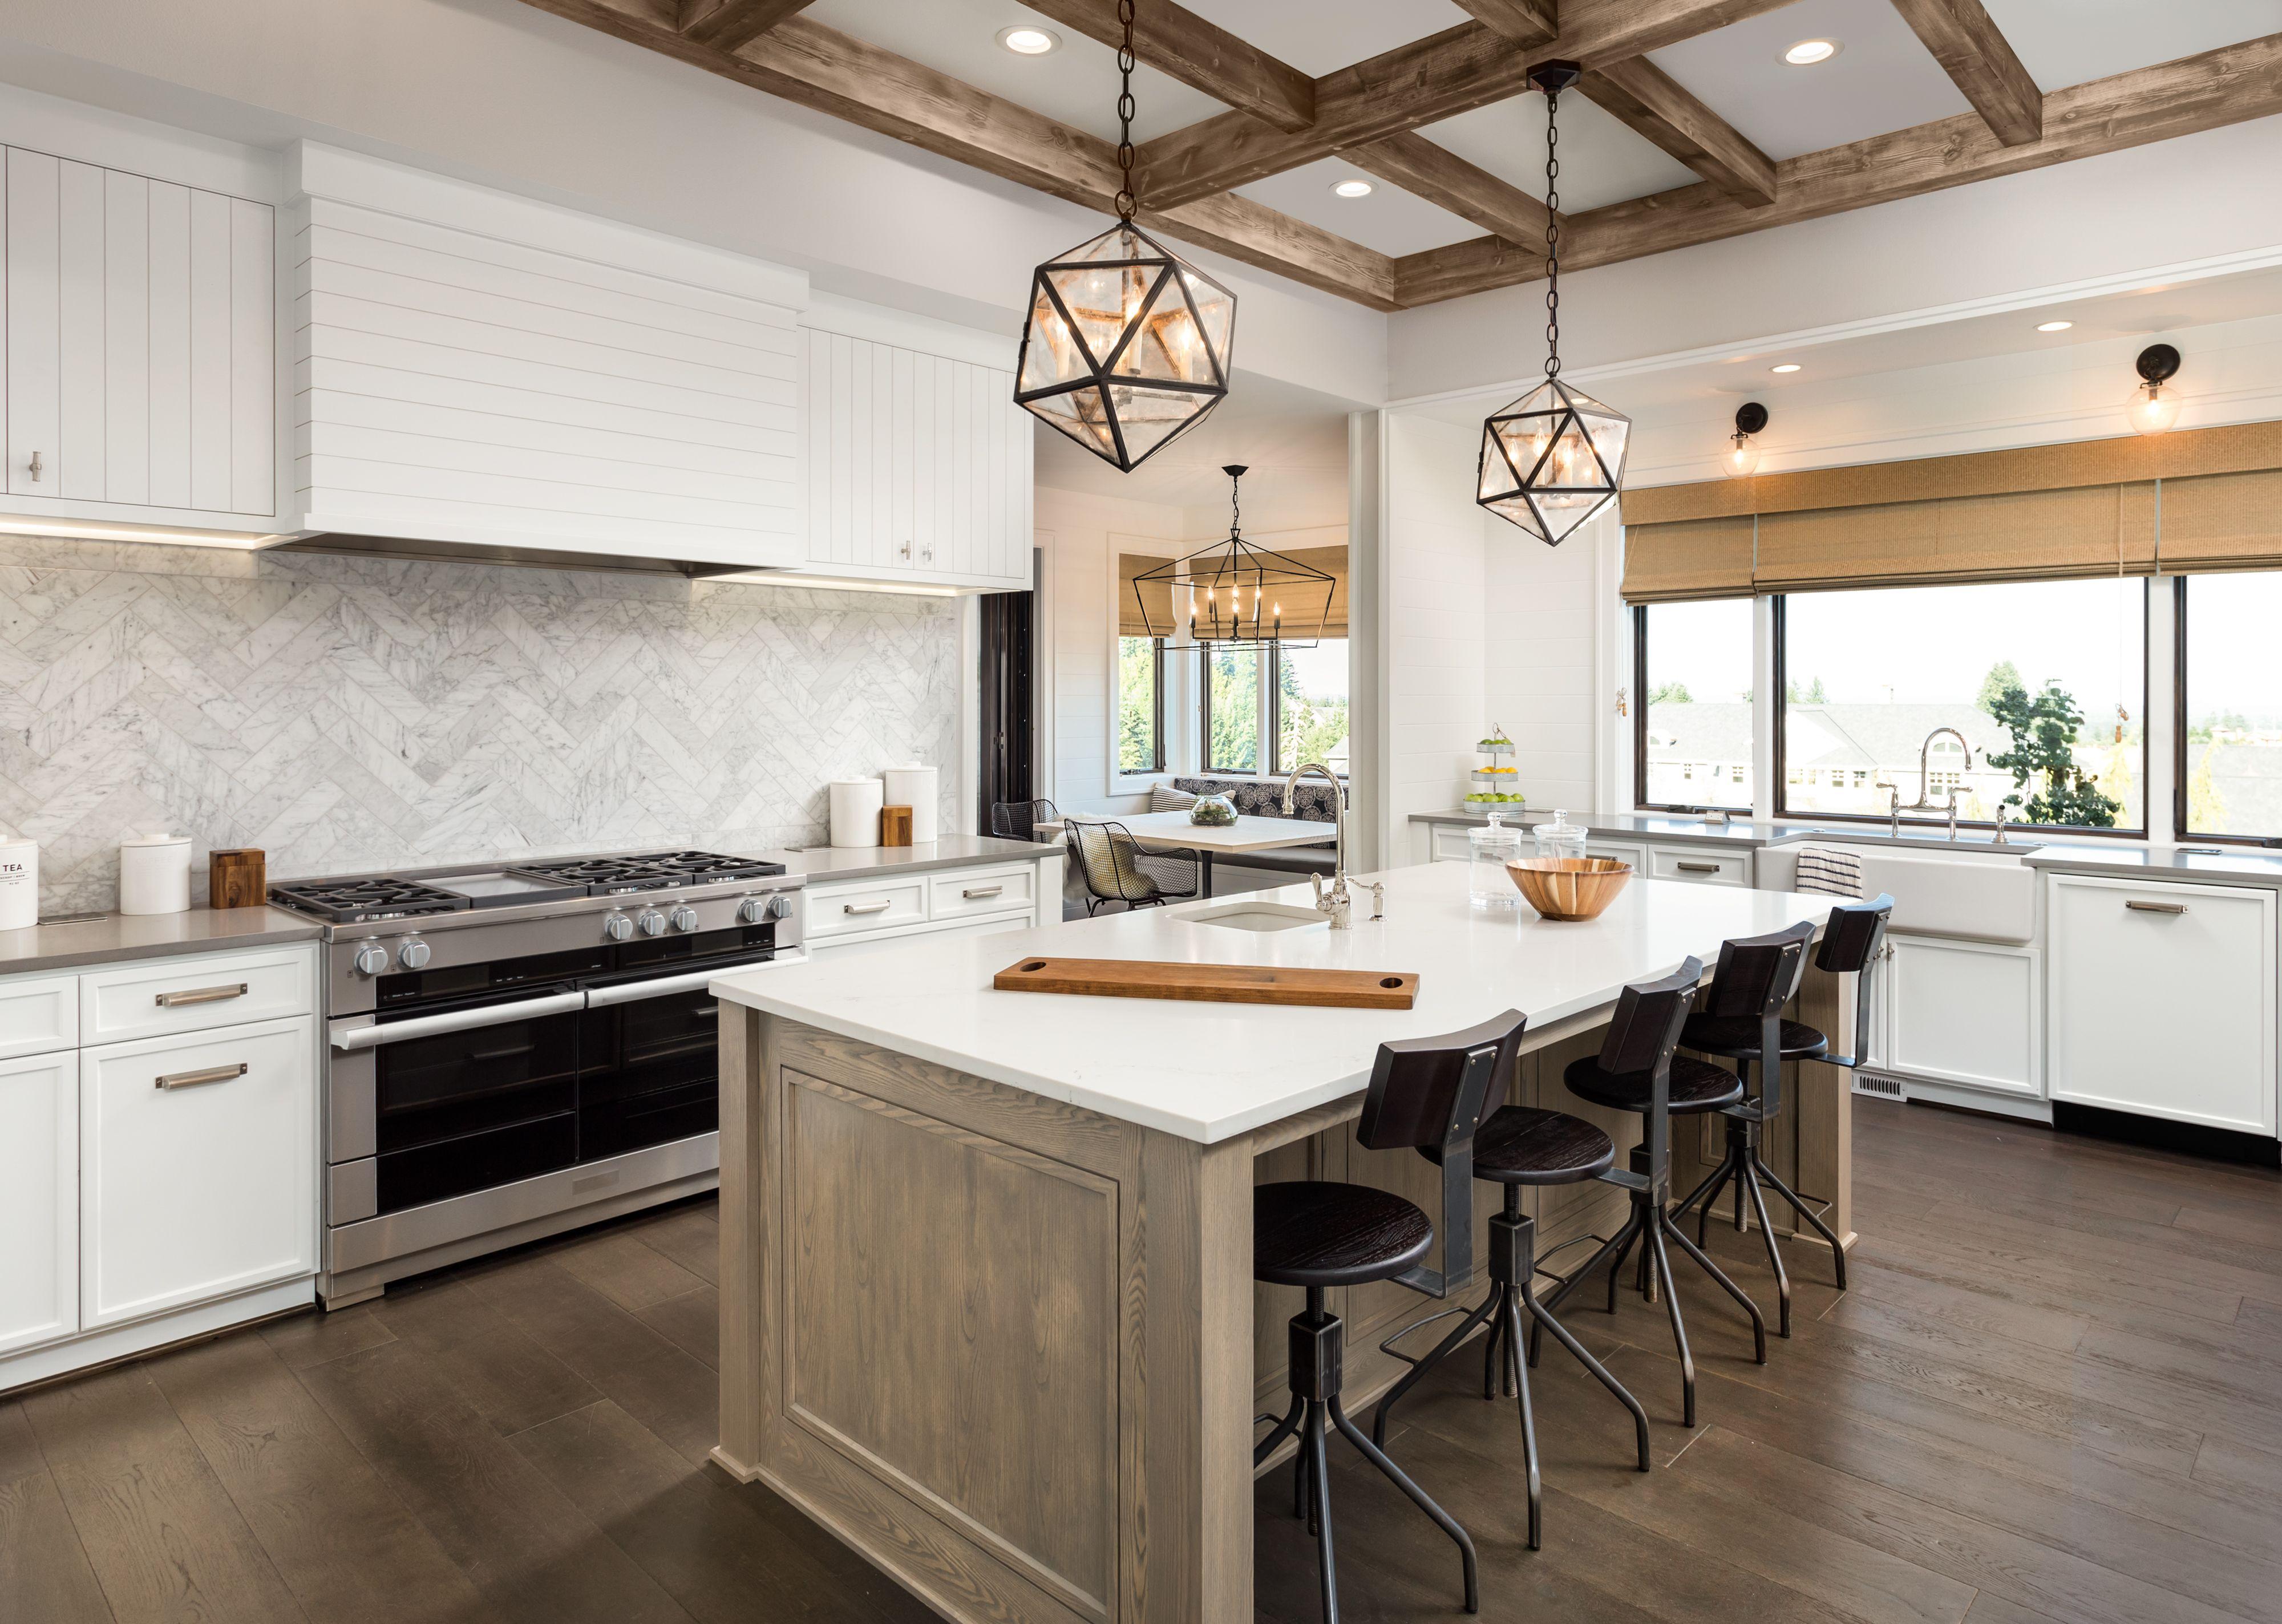 Cocina Con Isla Diseño De Interiores De Cocina Cocinas De Casa Diseño De Cocina